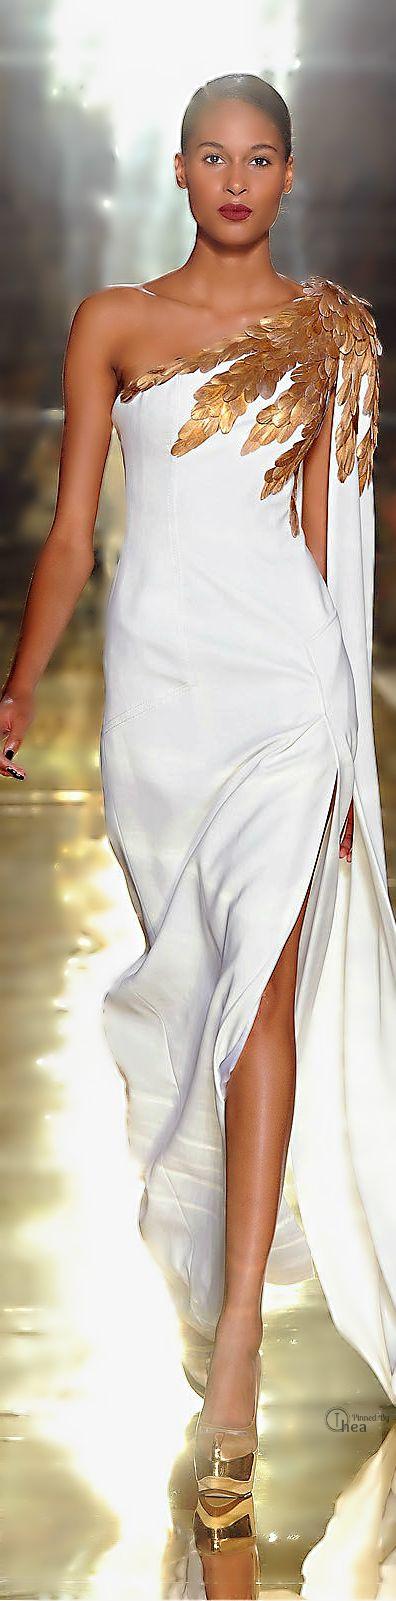 """Réaliser un costume """"déesse grèque"""" pour une occasion encore à dévoiler... #MarquiseElectrique #Projets2016                                                                                                                                                     Plus"""